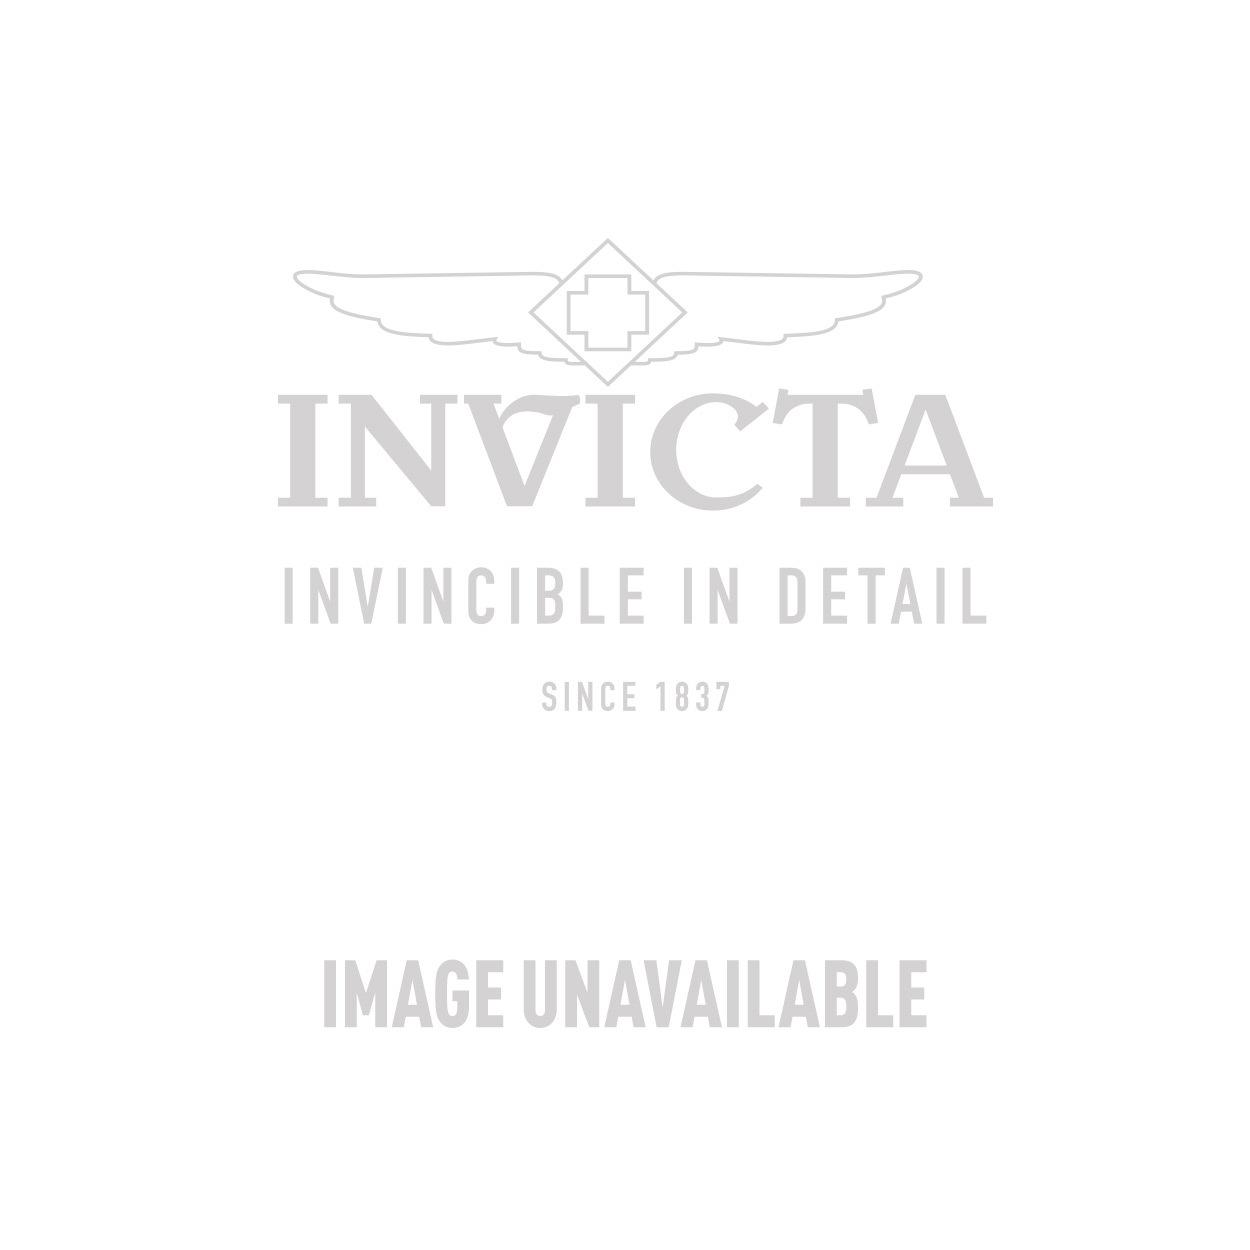 Invicta Model 24972